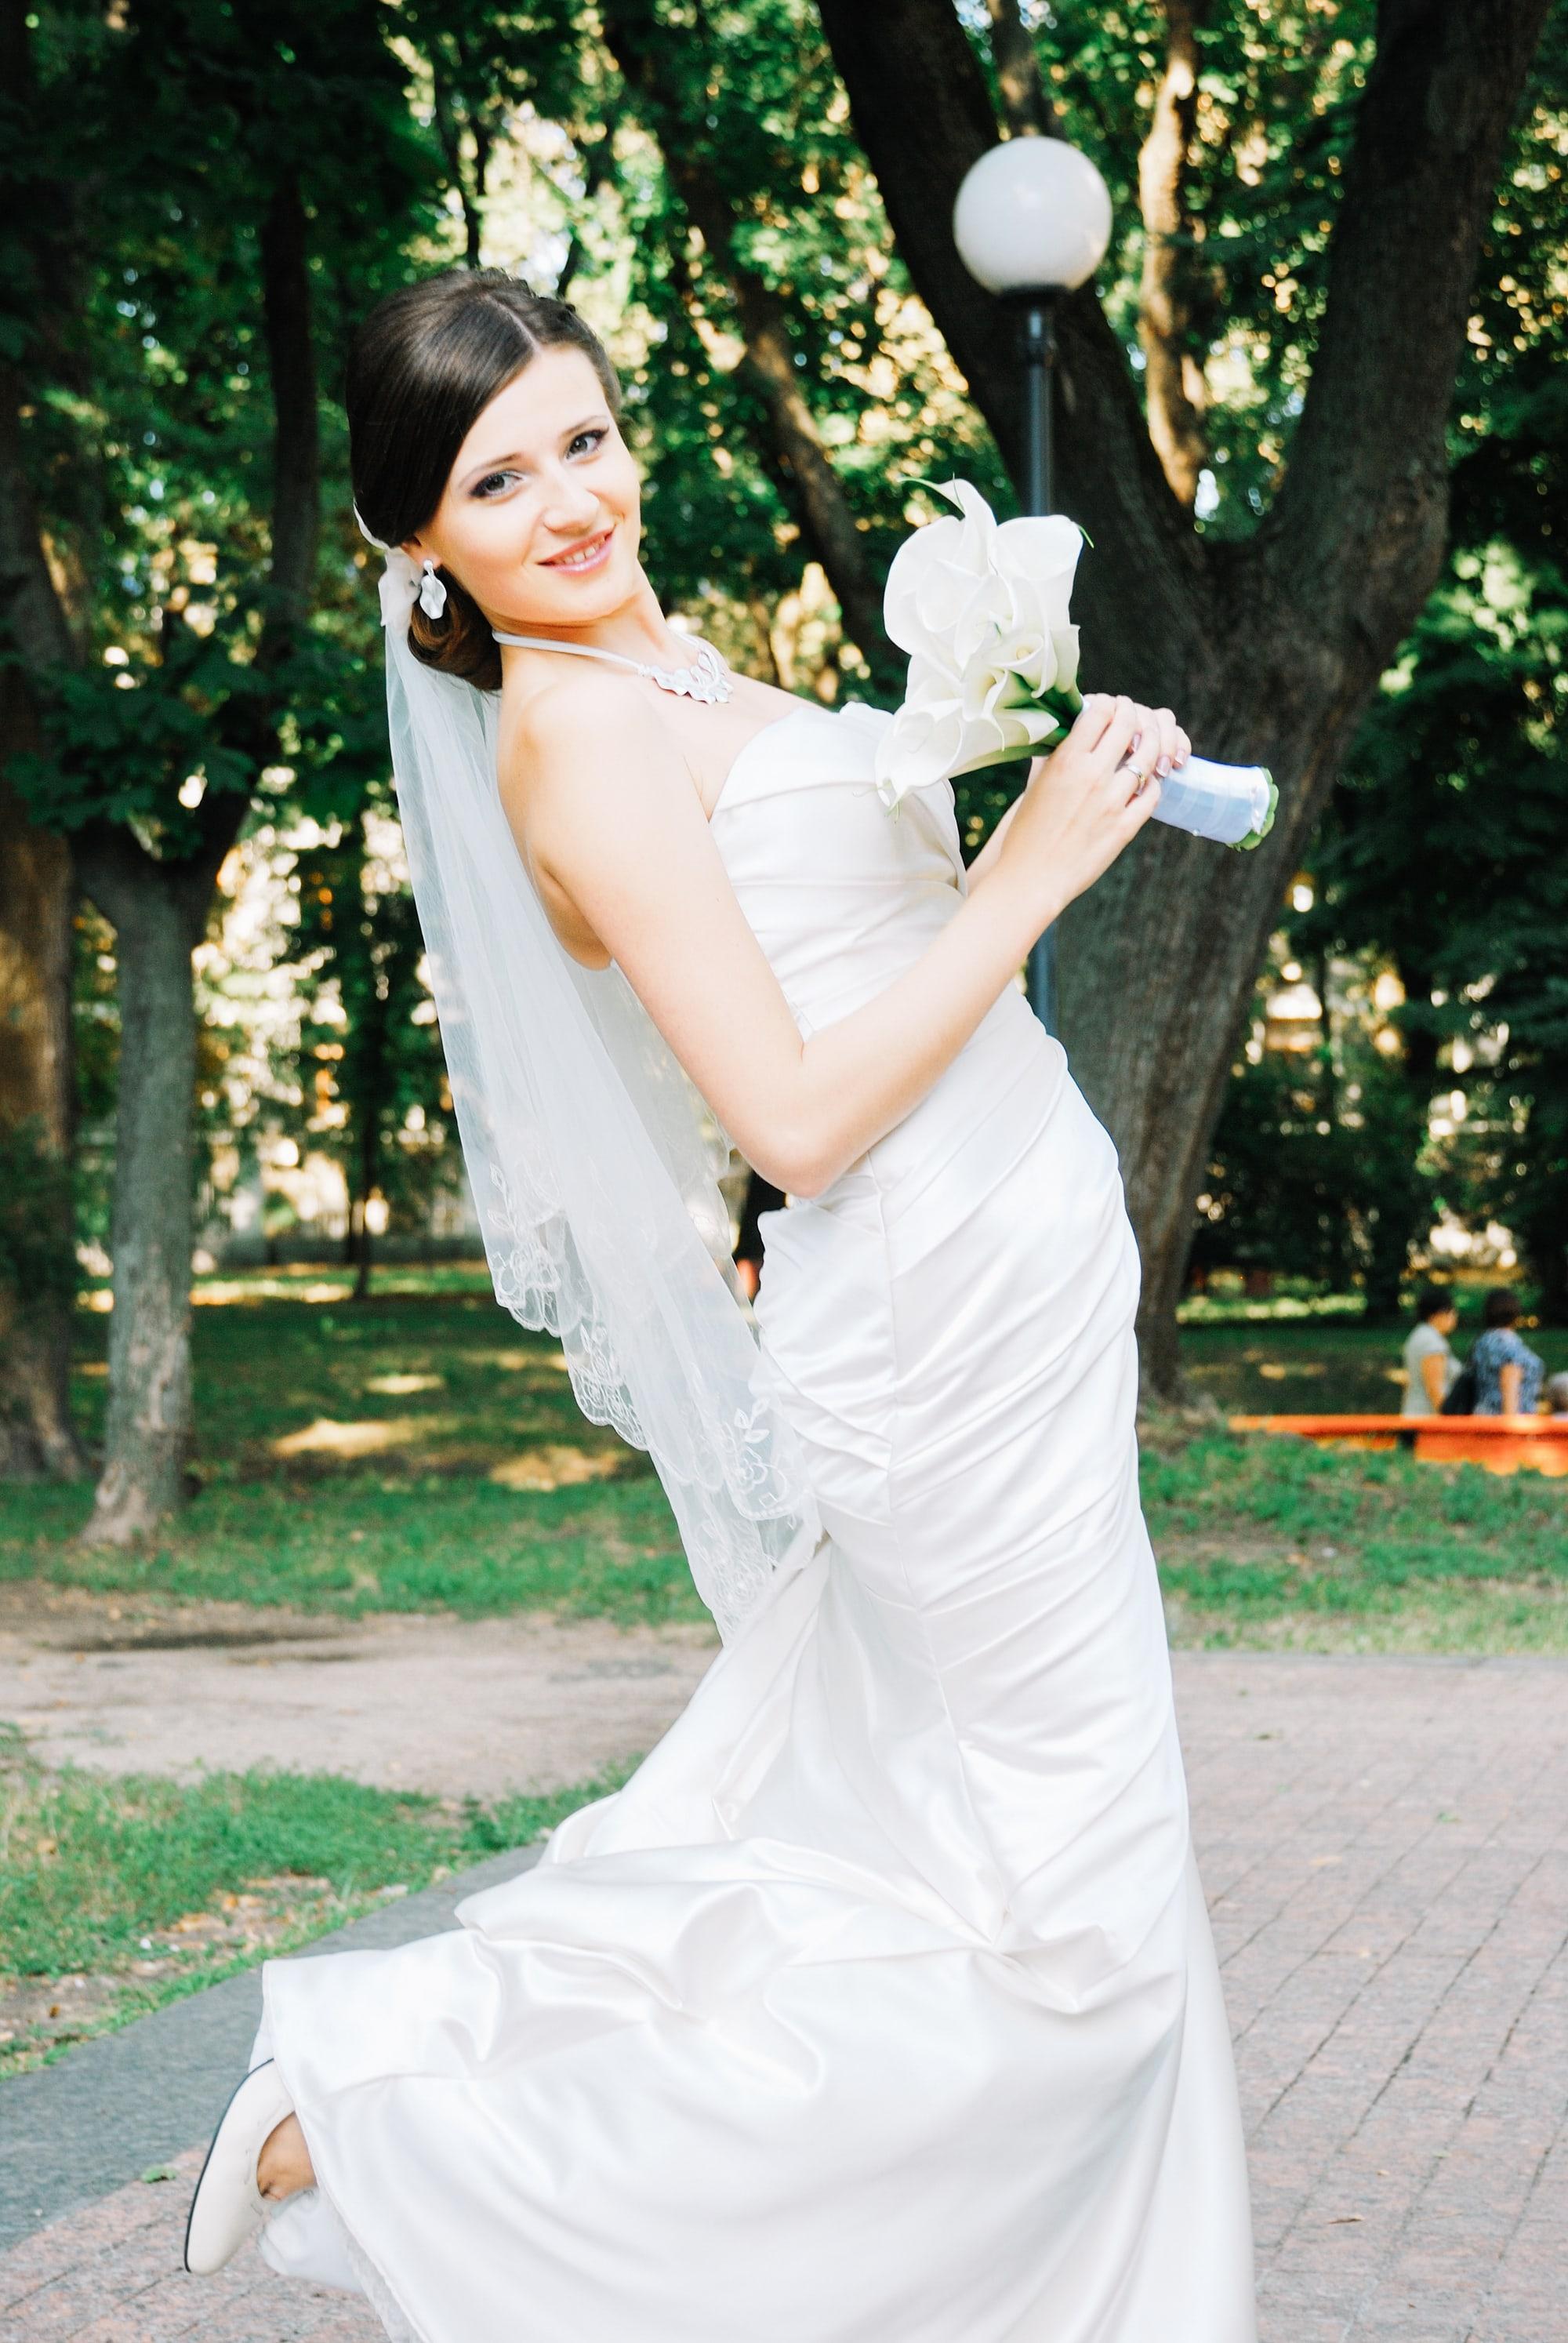 Свадебное позирование невесты - Фотограф Киев - Женя Лайт